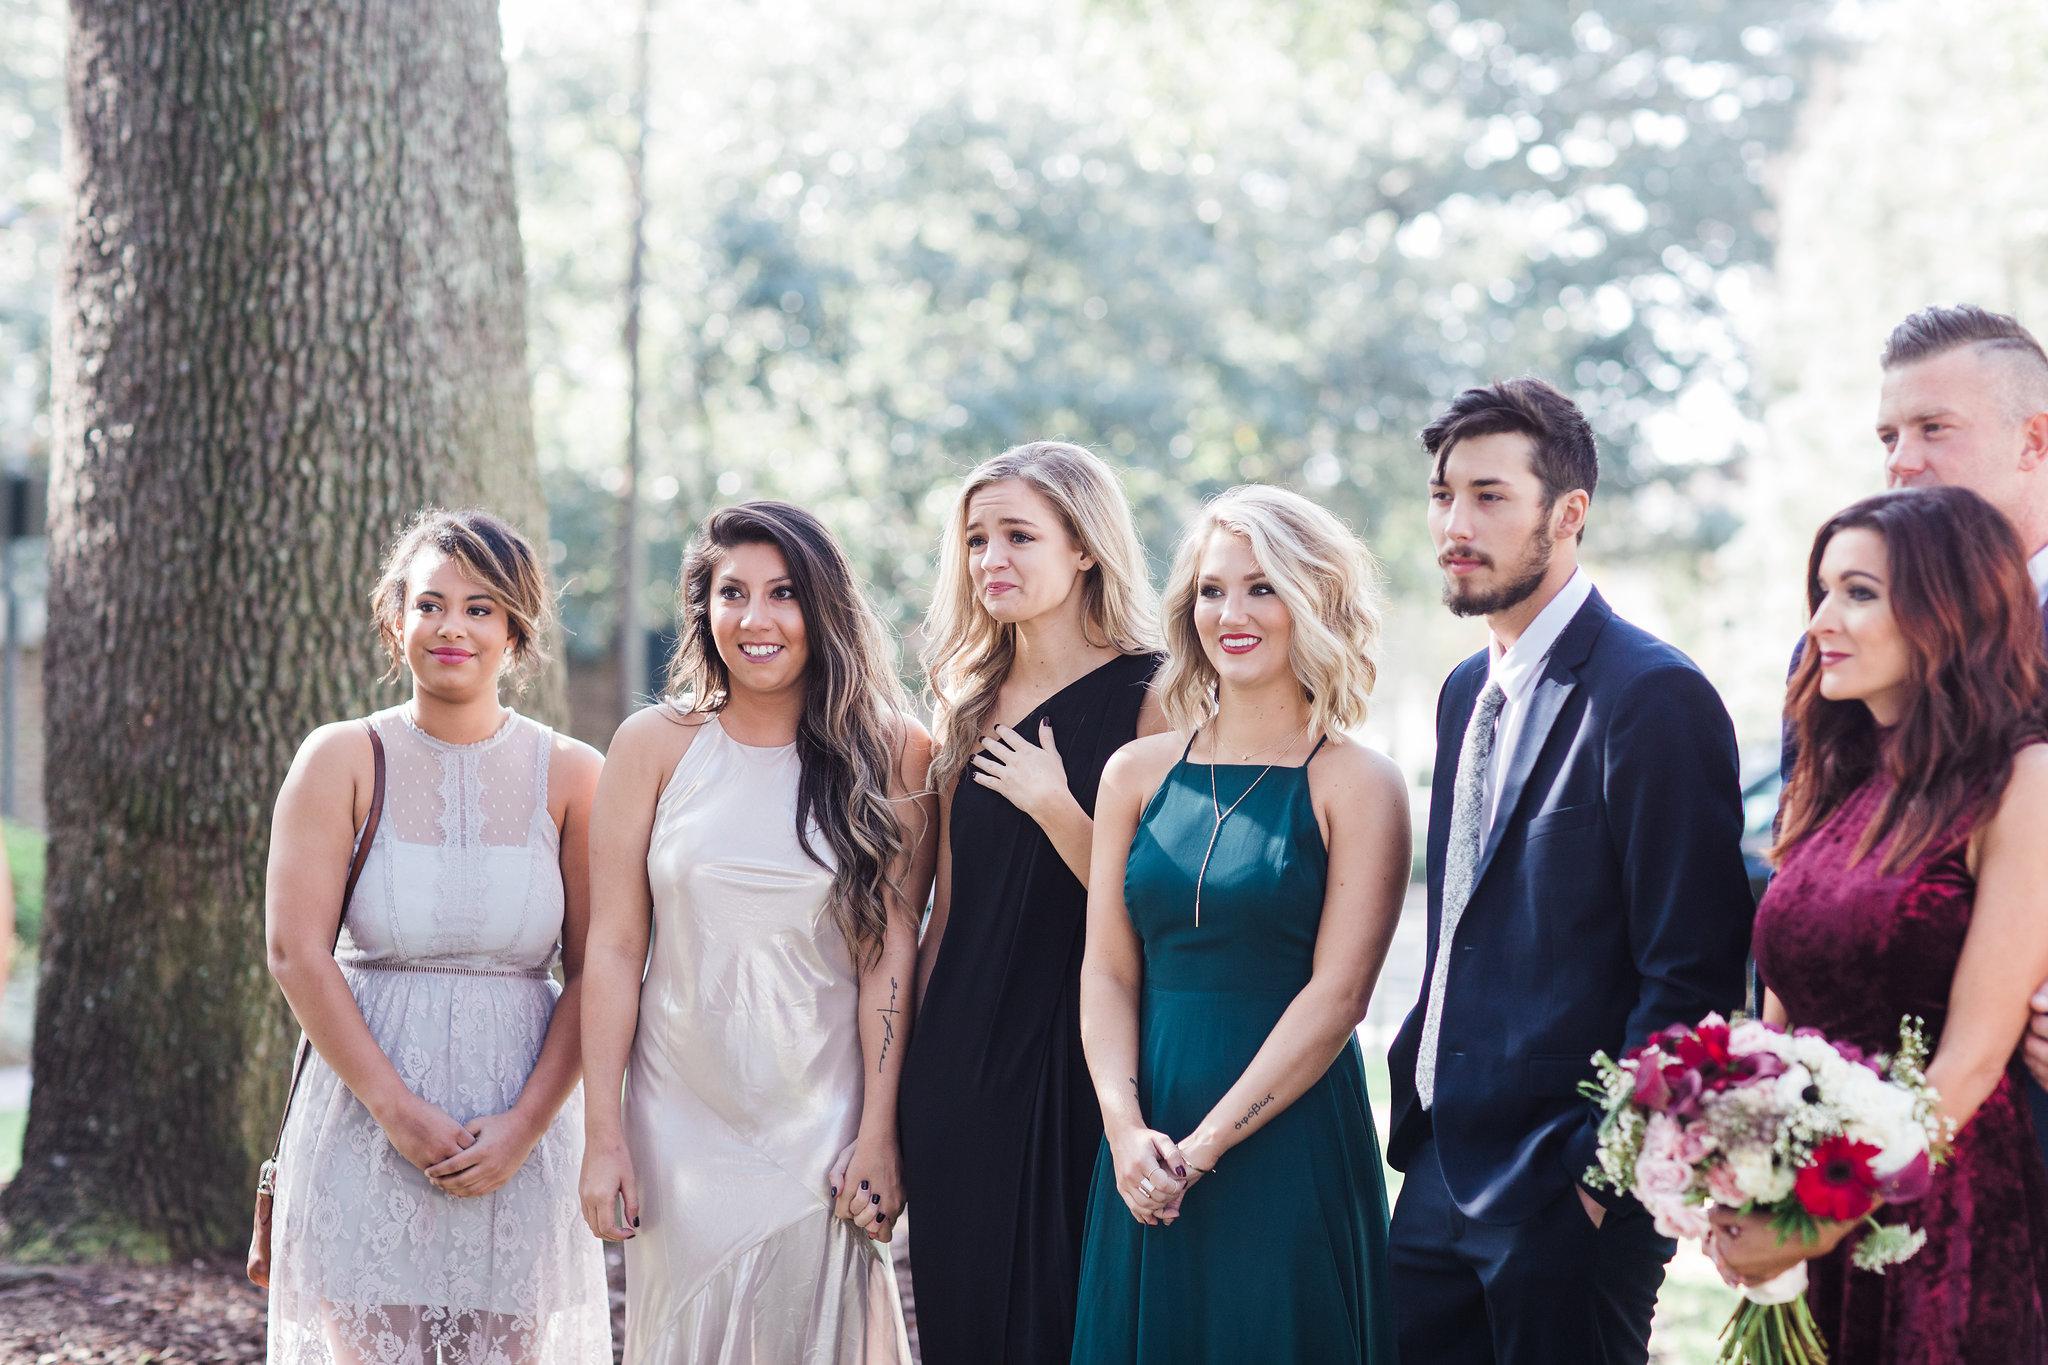 apt-b-photography-lindsey-shawn-Savannah-wedding-photographer-savannah-elopement-photographer-historic-savannah-elopement-savannah-weddings-hilton-head-wedding-photographer-jekyll-island-wedding-photographer-3.jpg